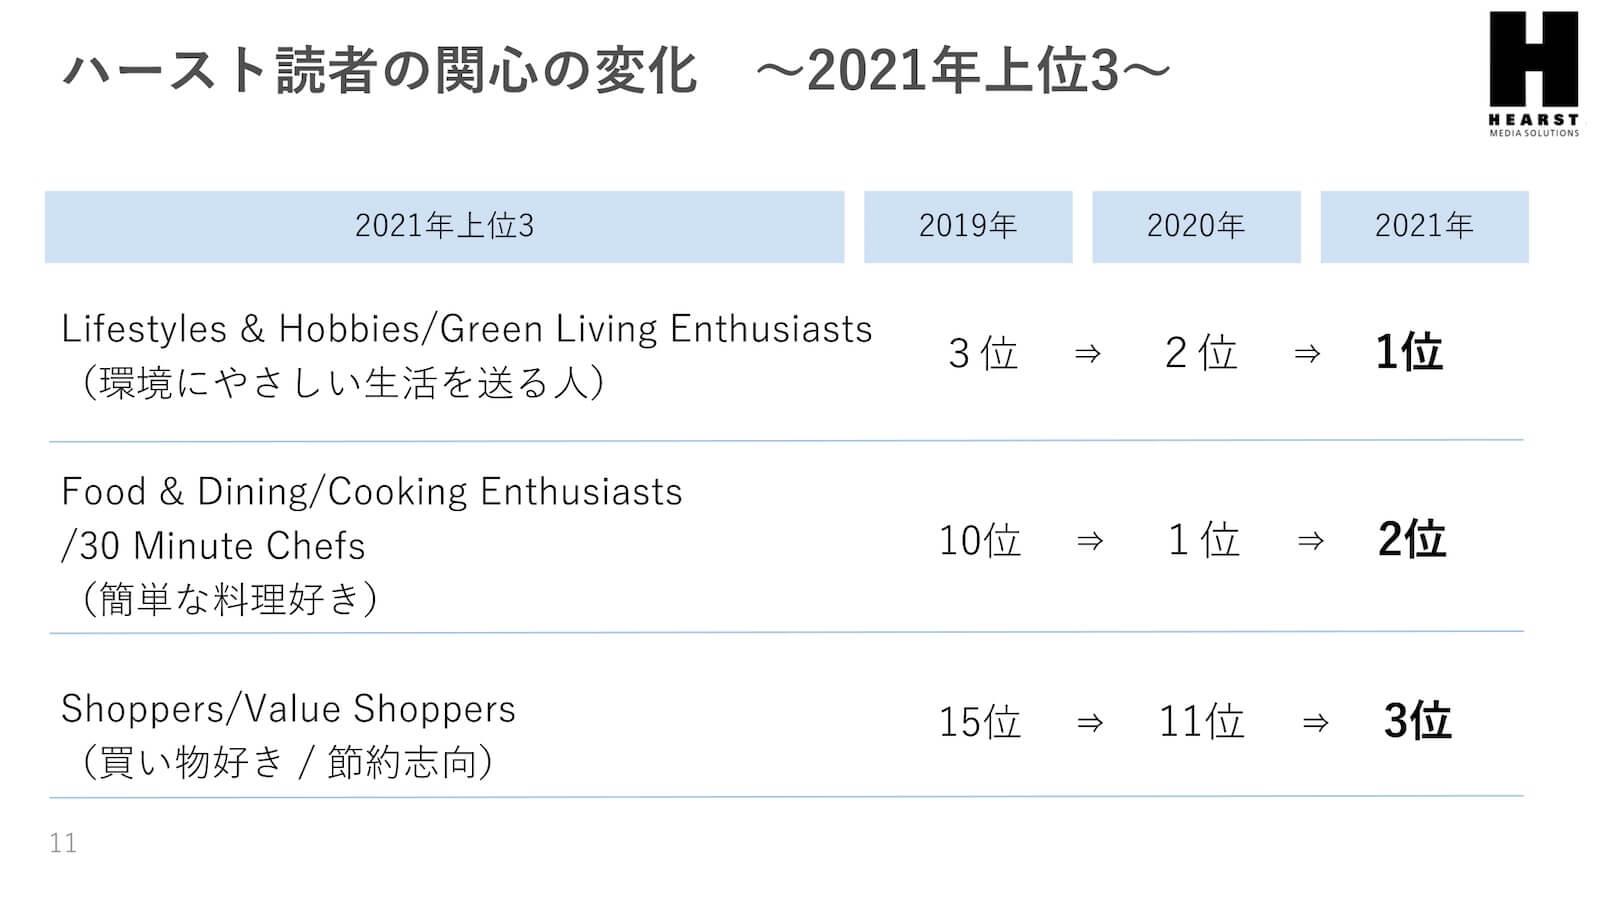 ハースト読者の関心の変化〜2021年上位3〜